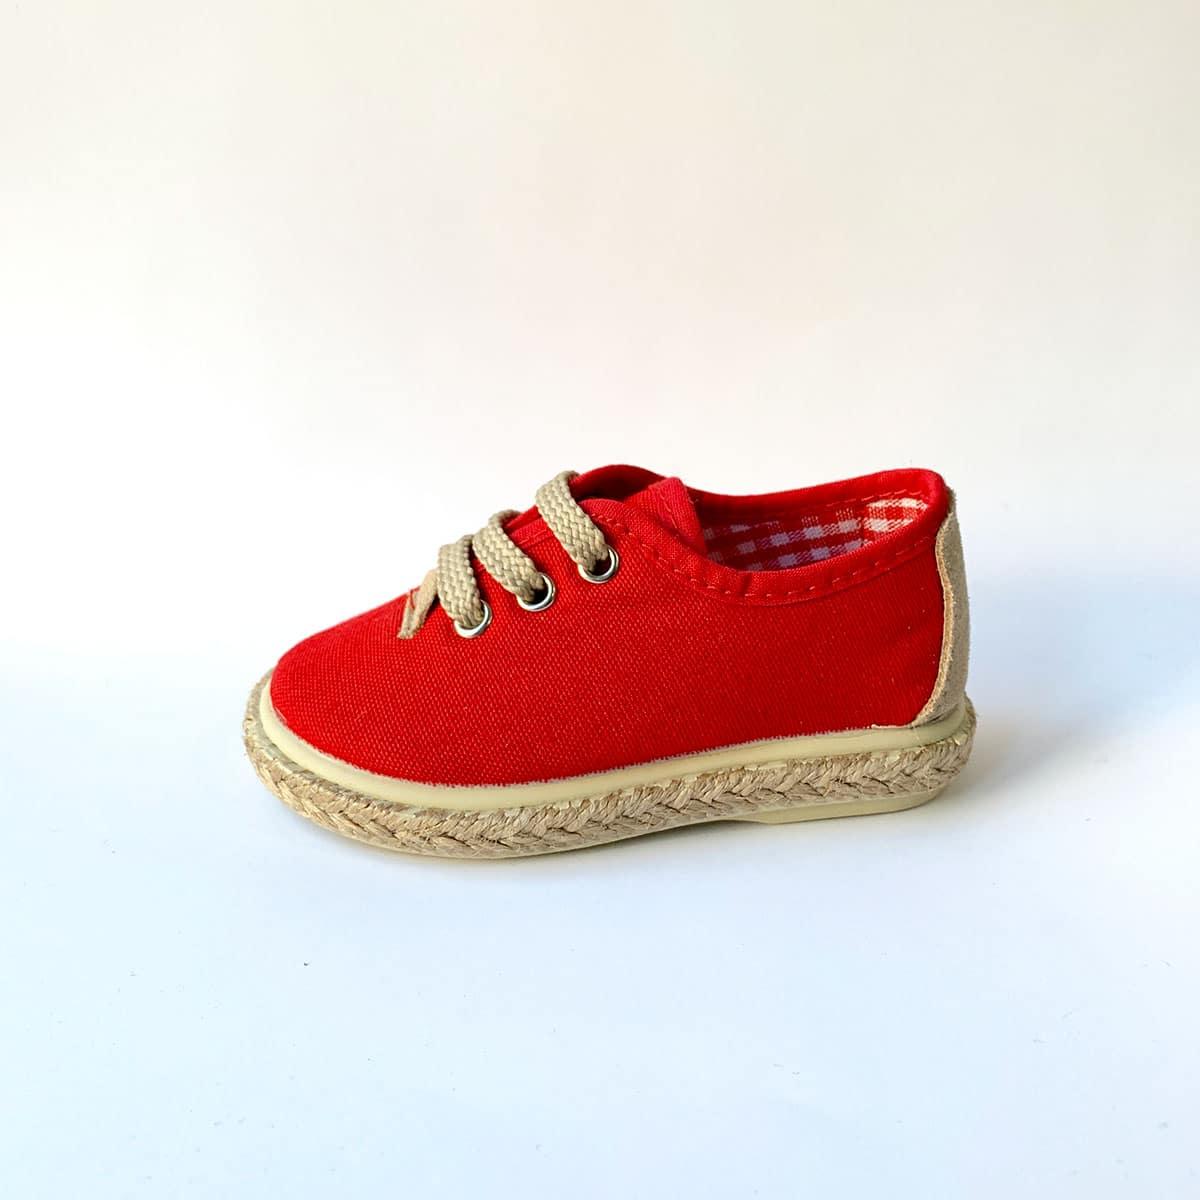 523eb796 zapatillas de lona para vestir. Click to enlarge. zapatillas de lona para  vestir. InicioNuestras MarcasVulpeques Zapatillas Piqué Rojo Yute Cordones